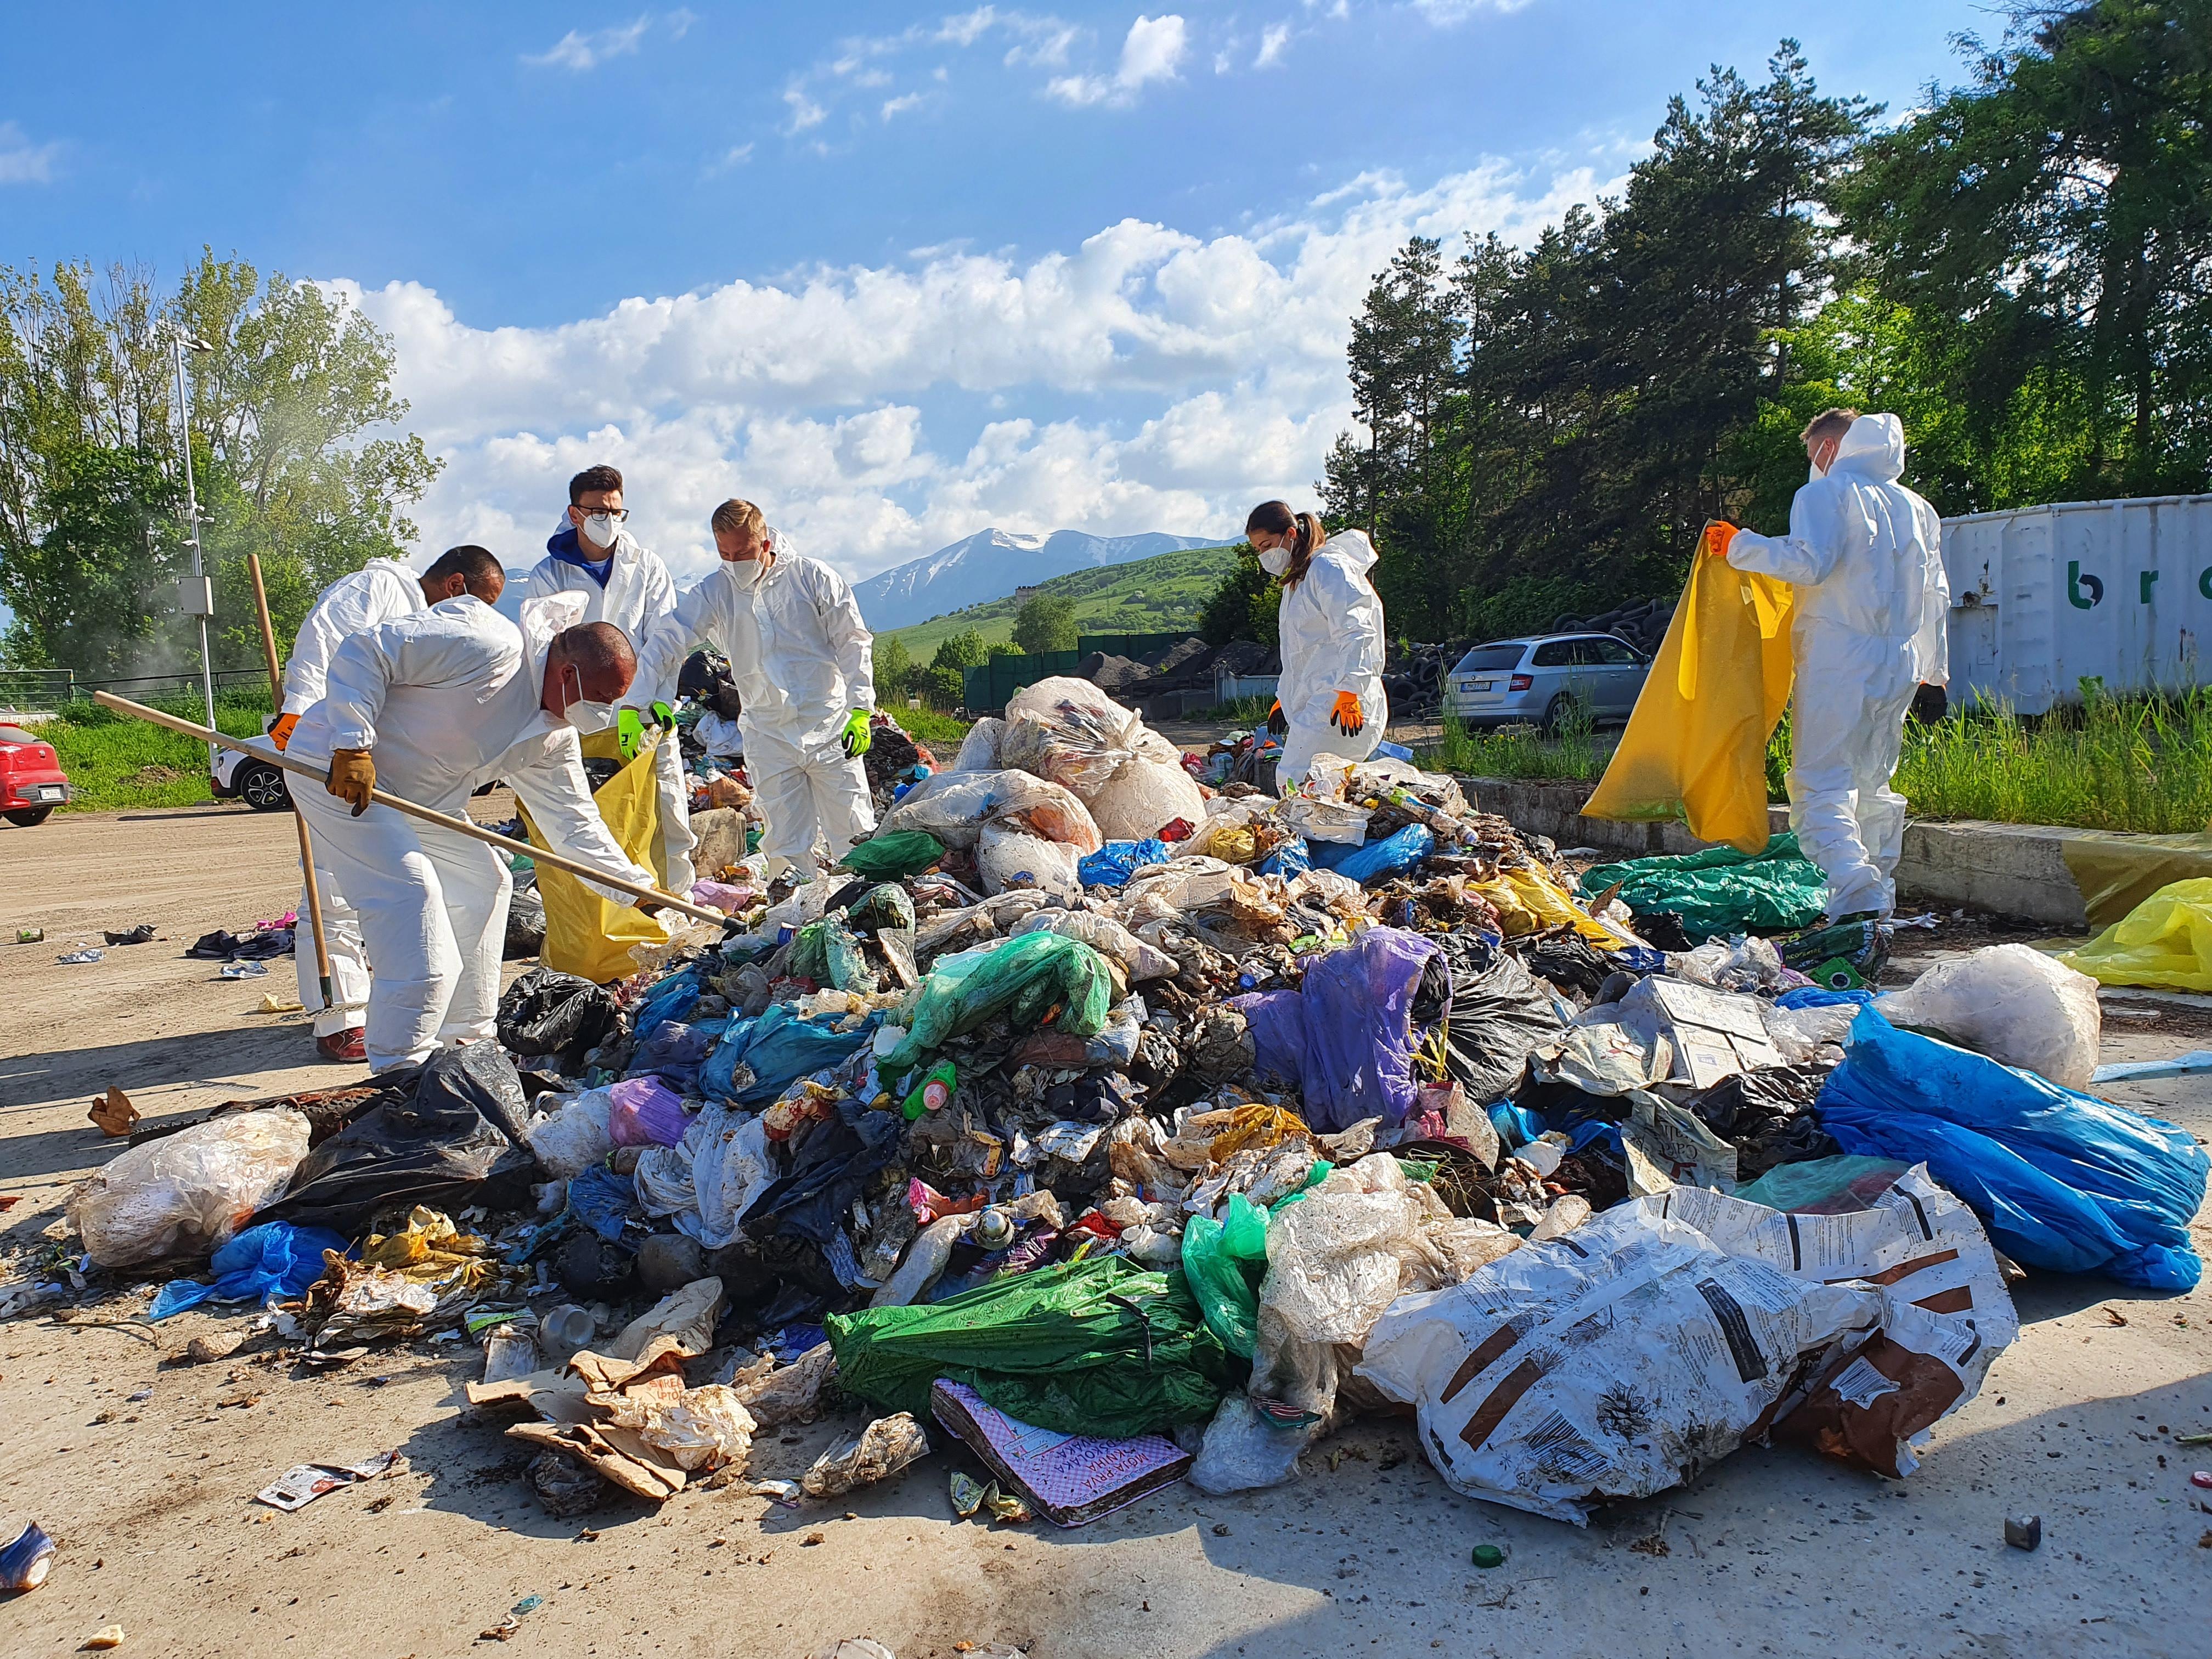 Analýza odhalila veľké množstvo kuchynského odpadu